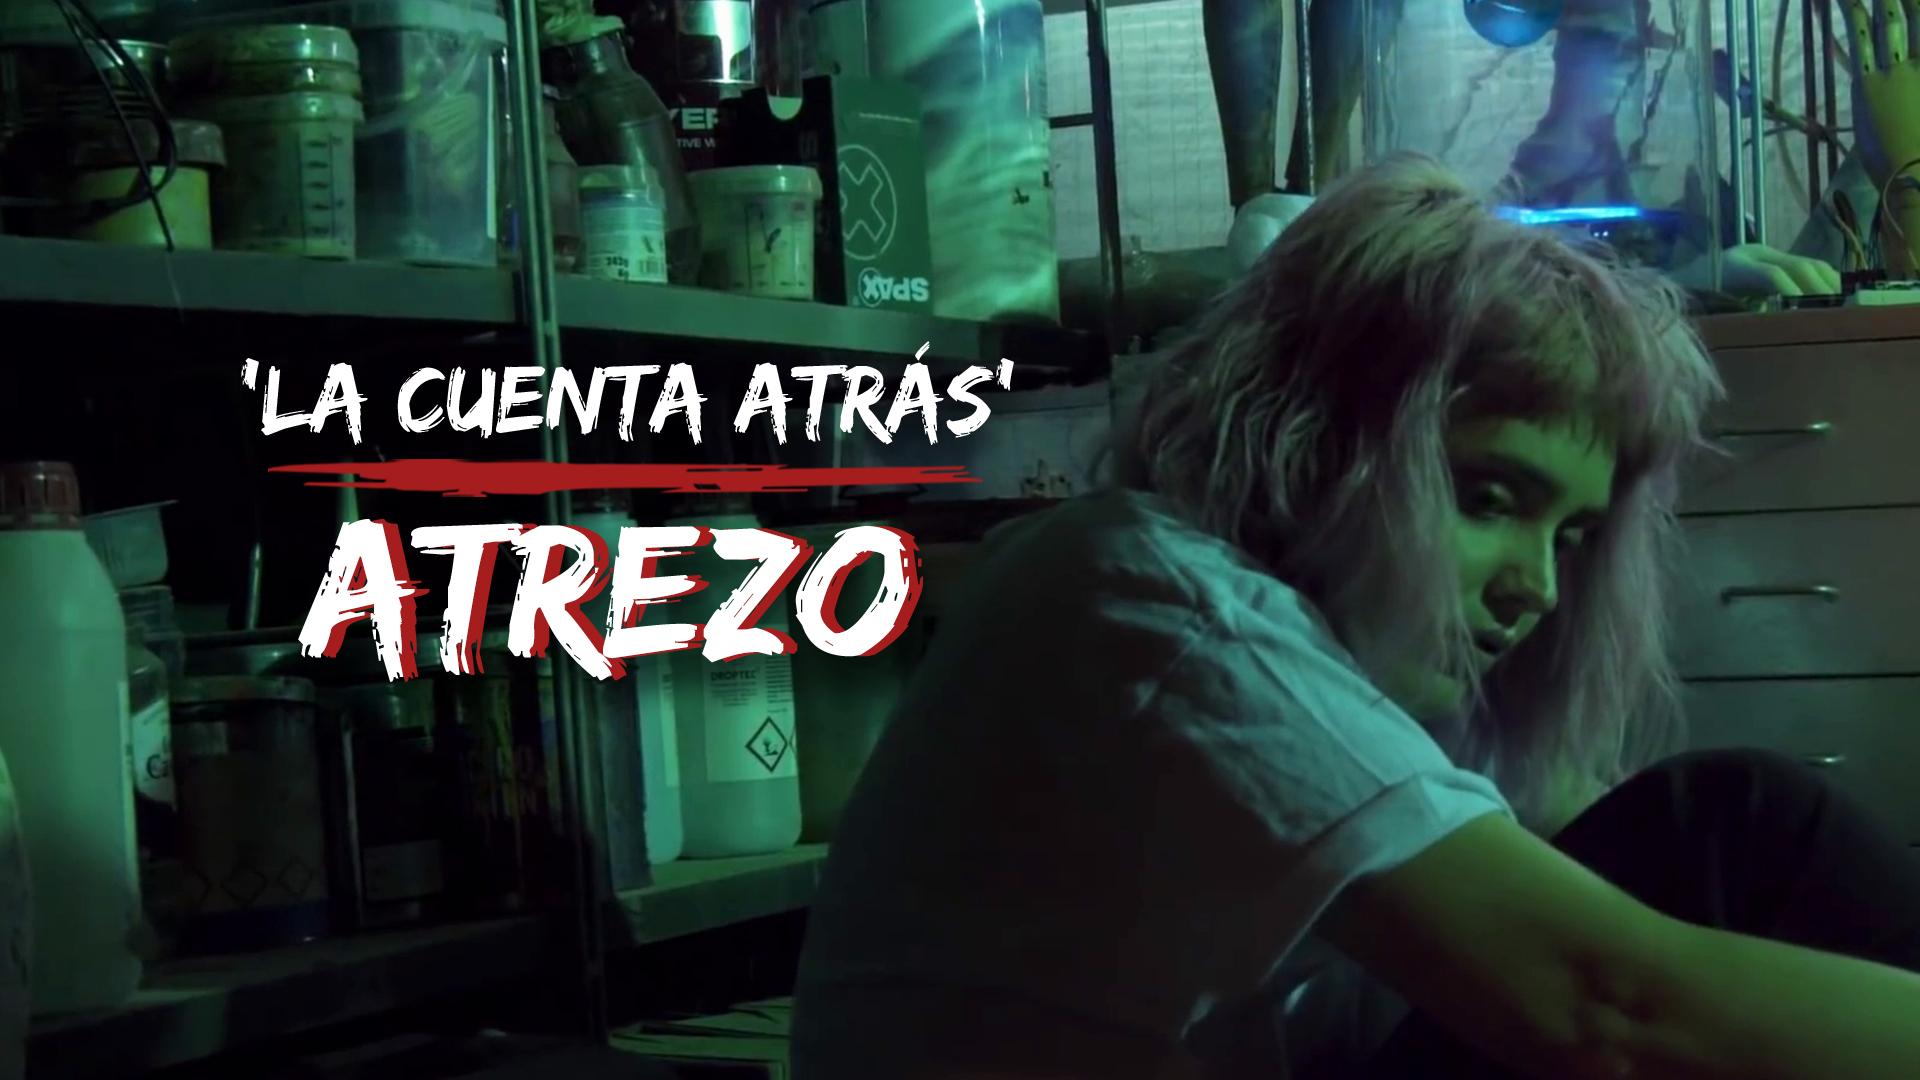 Temporada 1 Atrezo - La cuenta atrás | Más de 100 mentiras